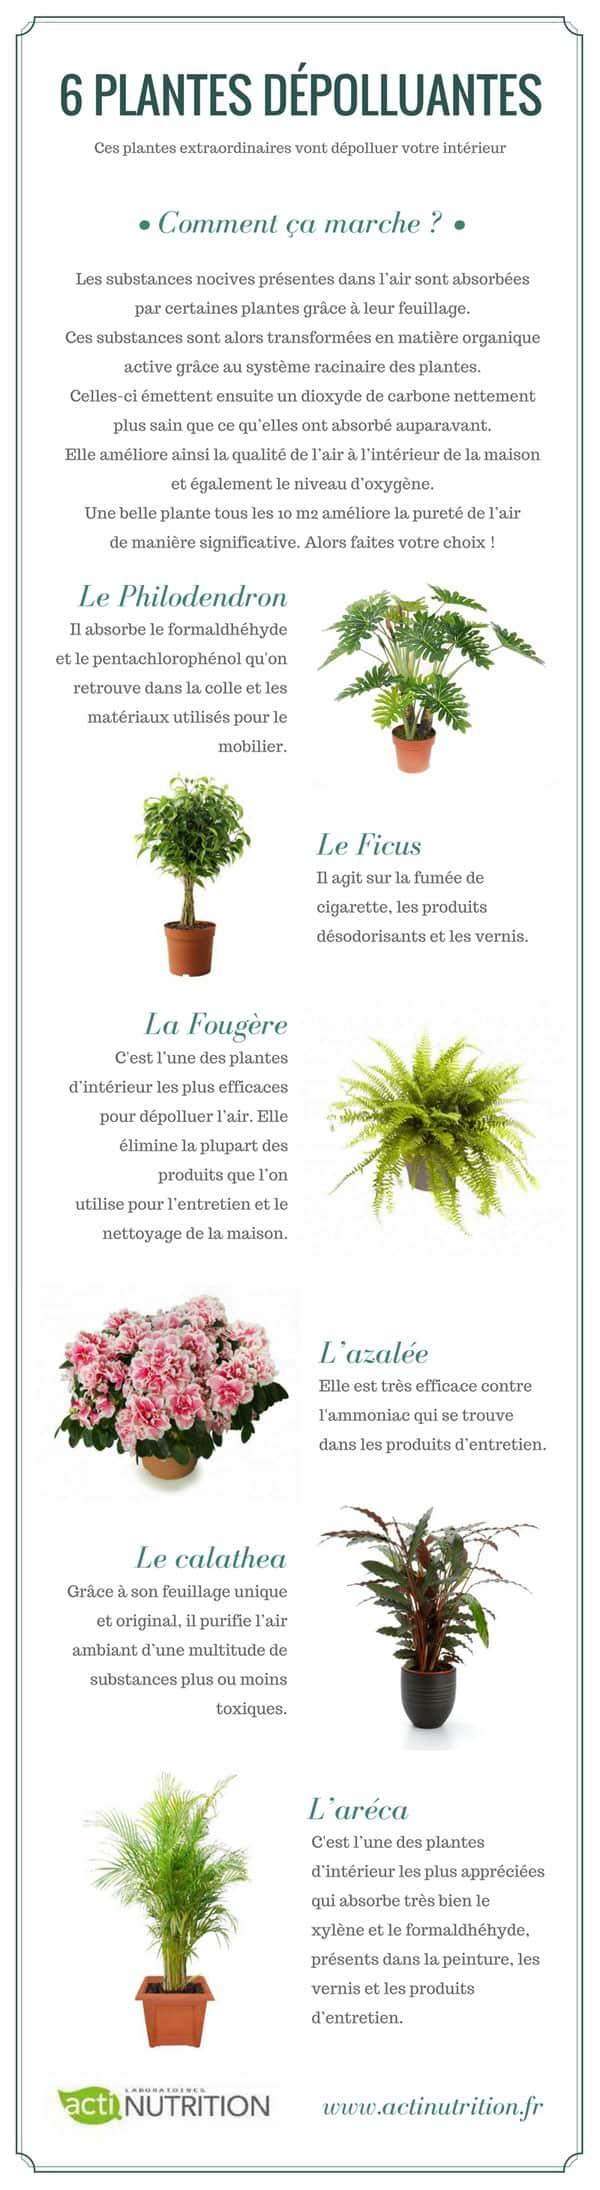 Infographie sur les plantes dépolluantes